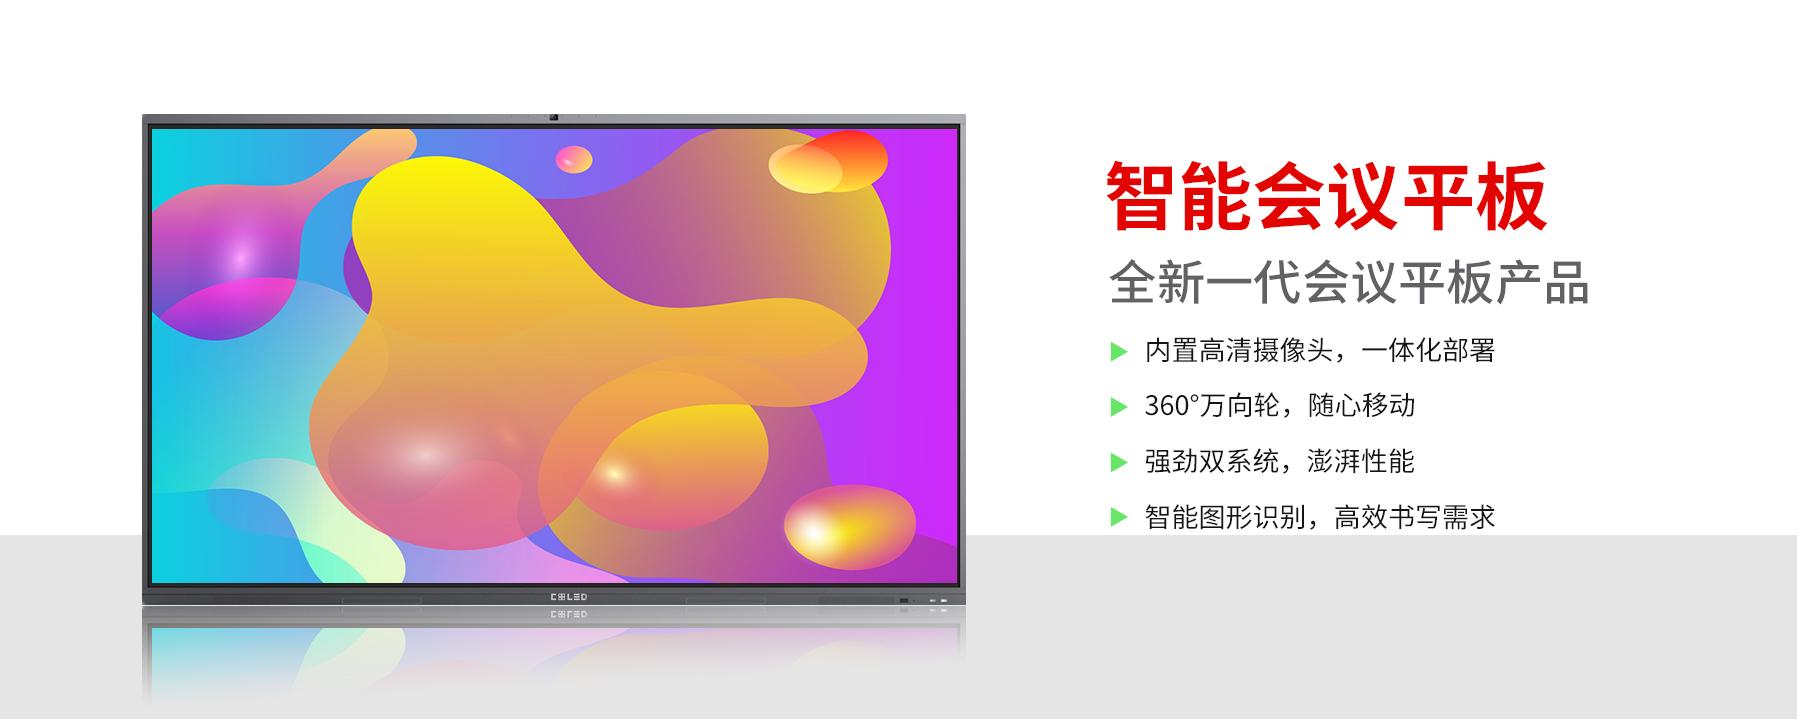 LCD会议平板